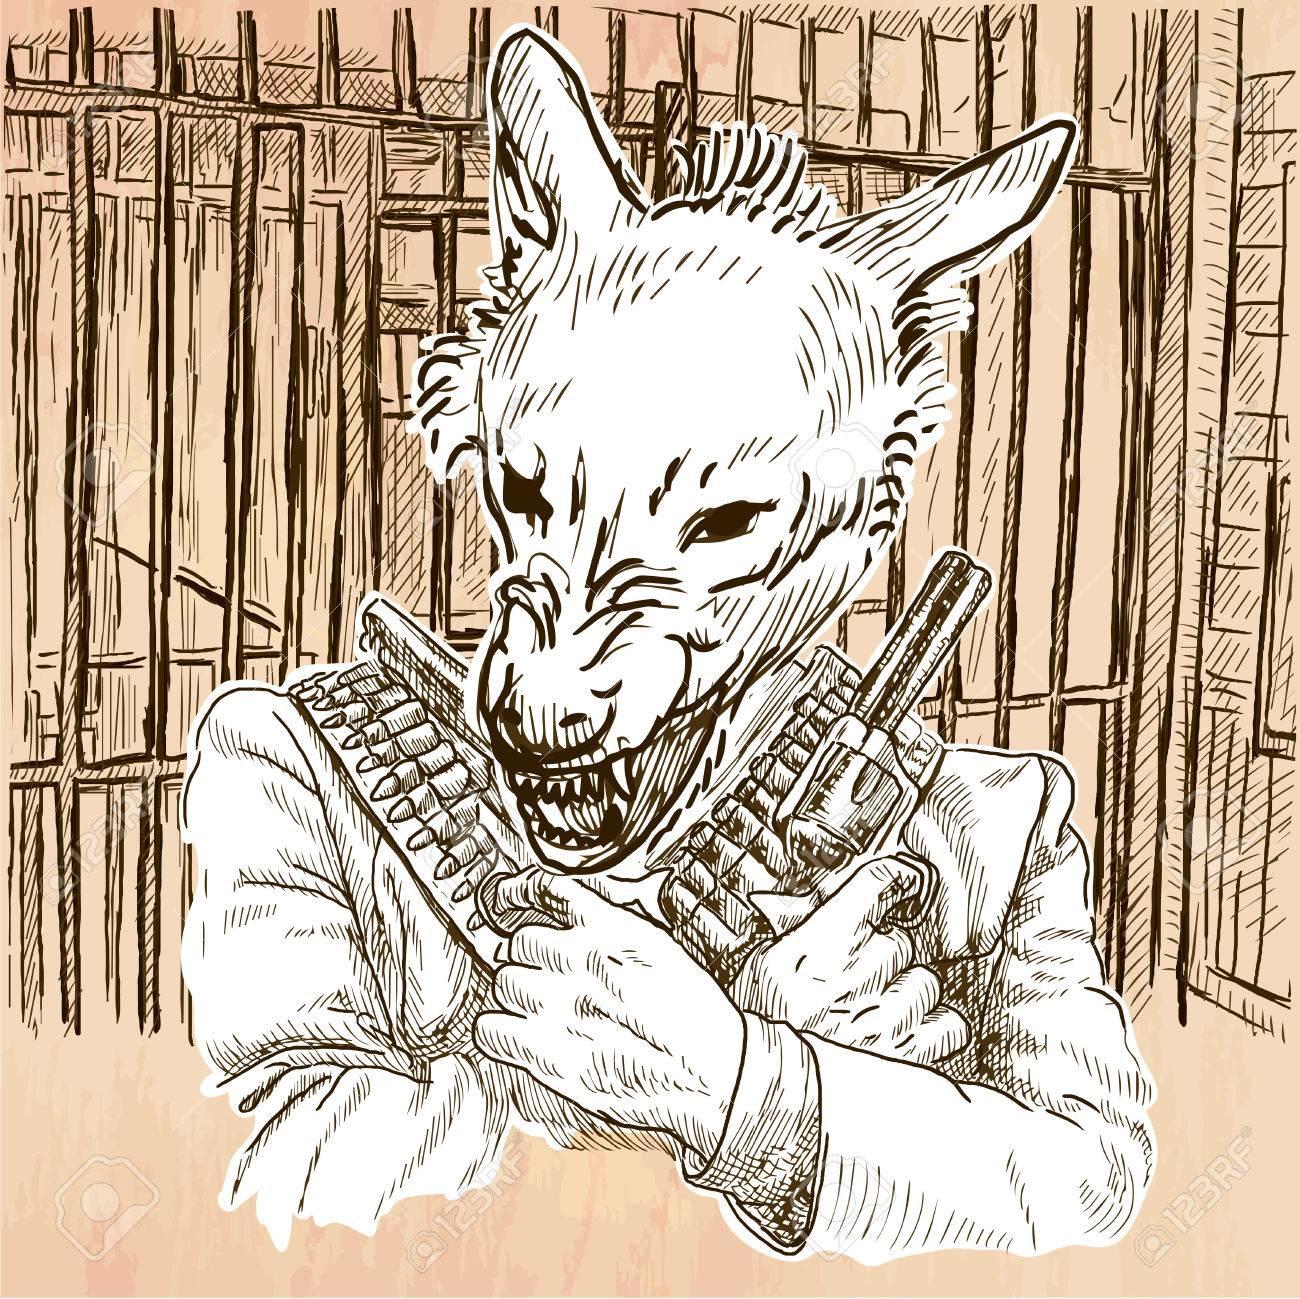 Gunman Animal Shooter Wolf Freehand Sketching Line Drawing